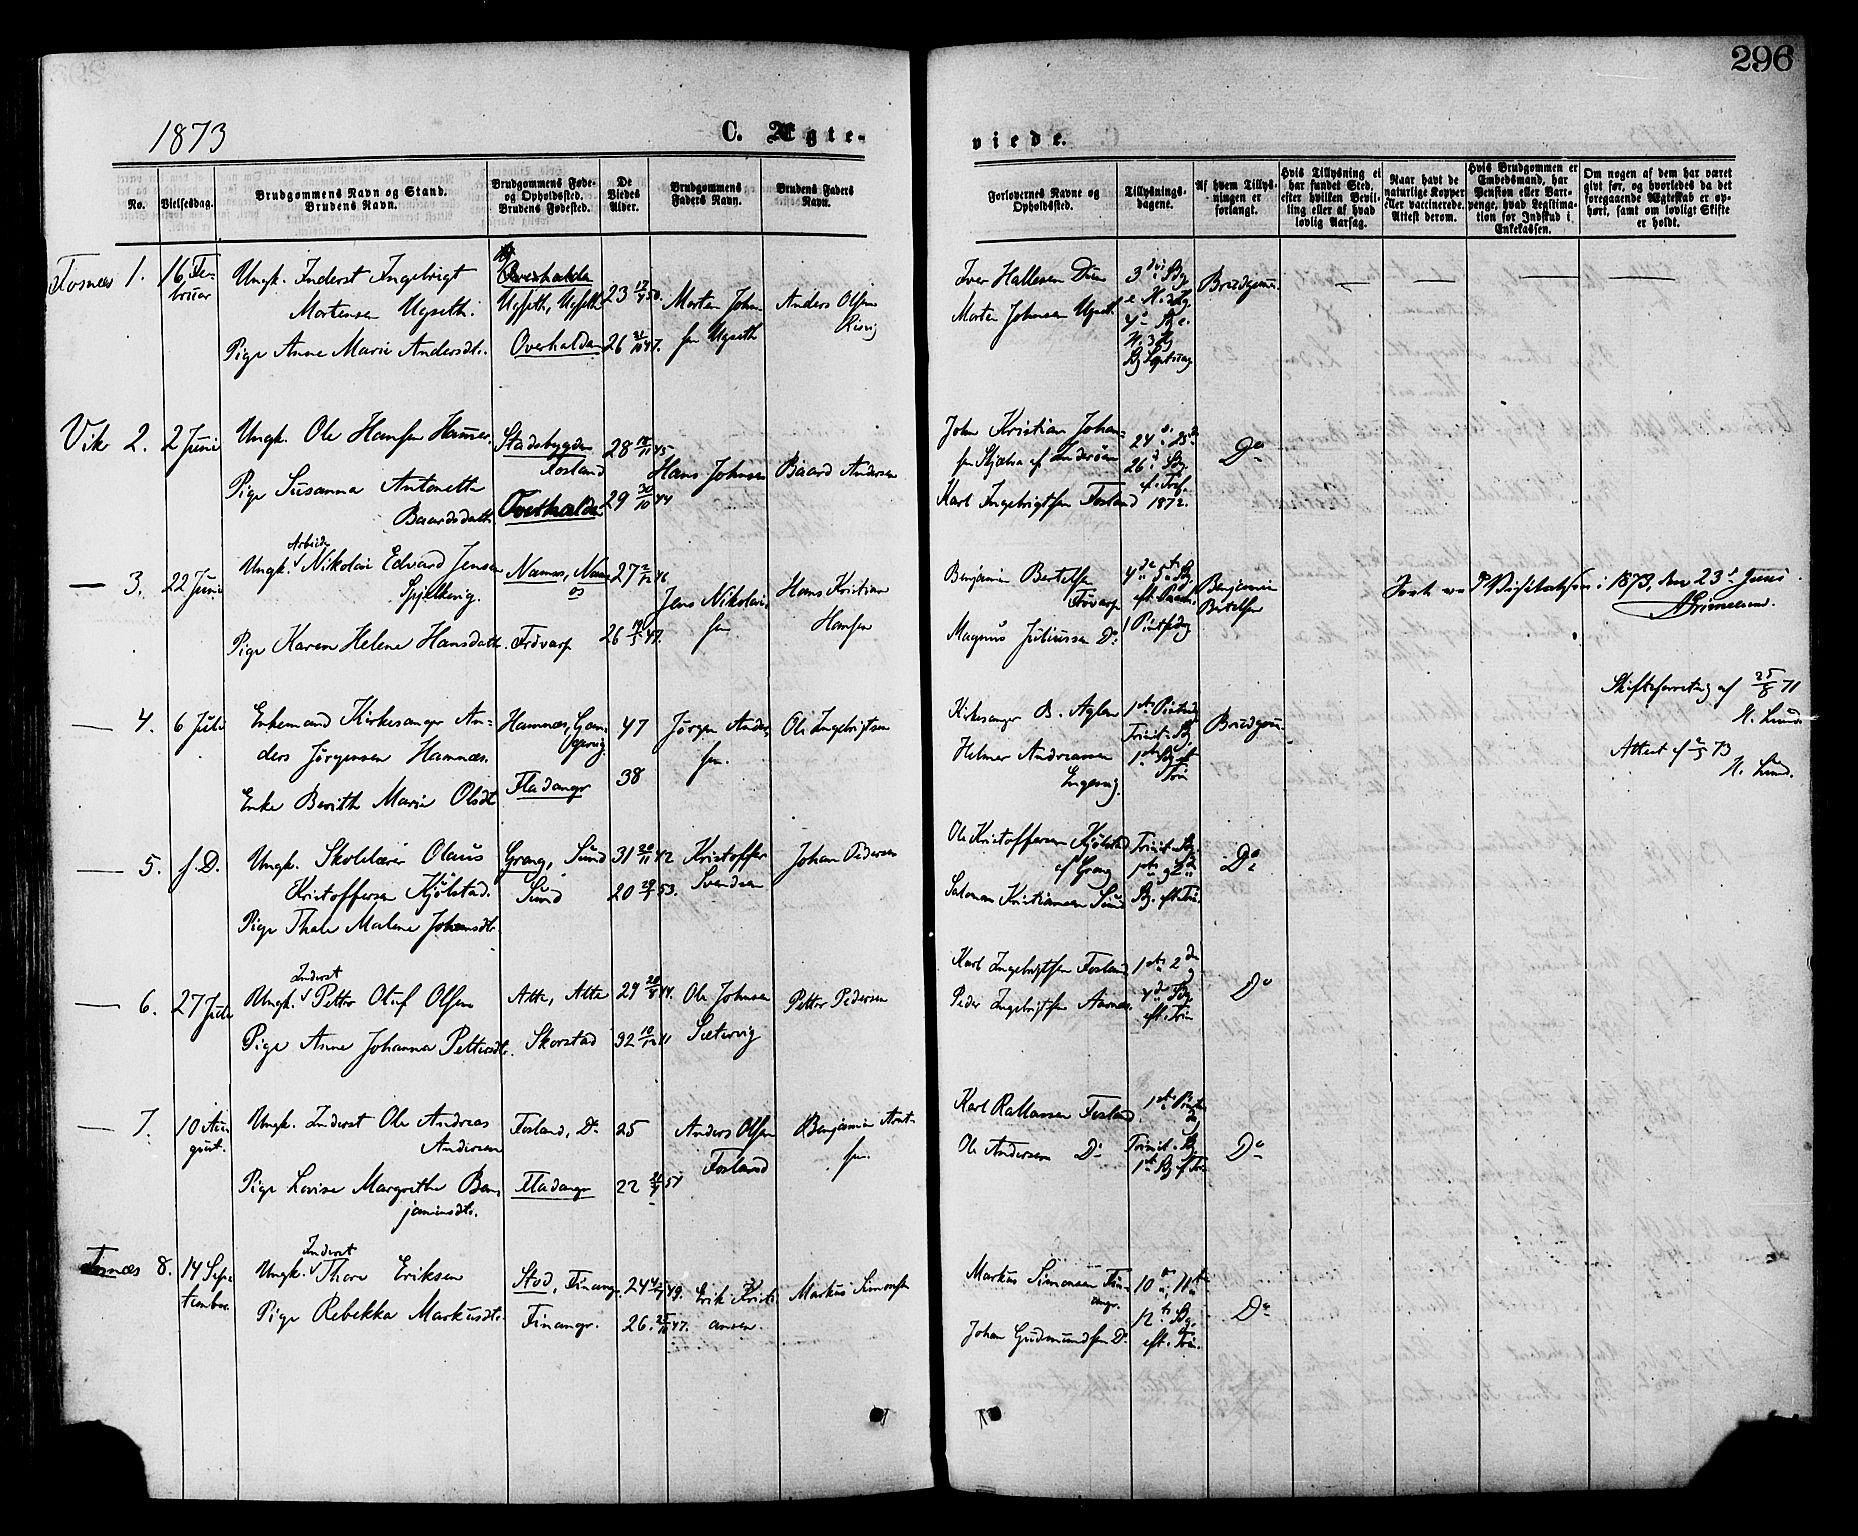 SAT, Ministerialprotokoller, klokkerbøker og fødselsregistre - Nord-Trøndelag, 773/L0616: Ministerialbok nr. 773A07, 1870-1887, s. 296